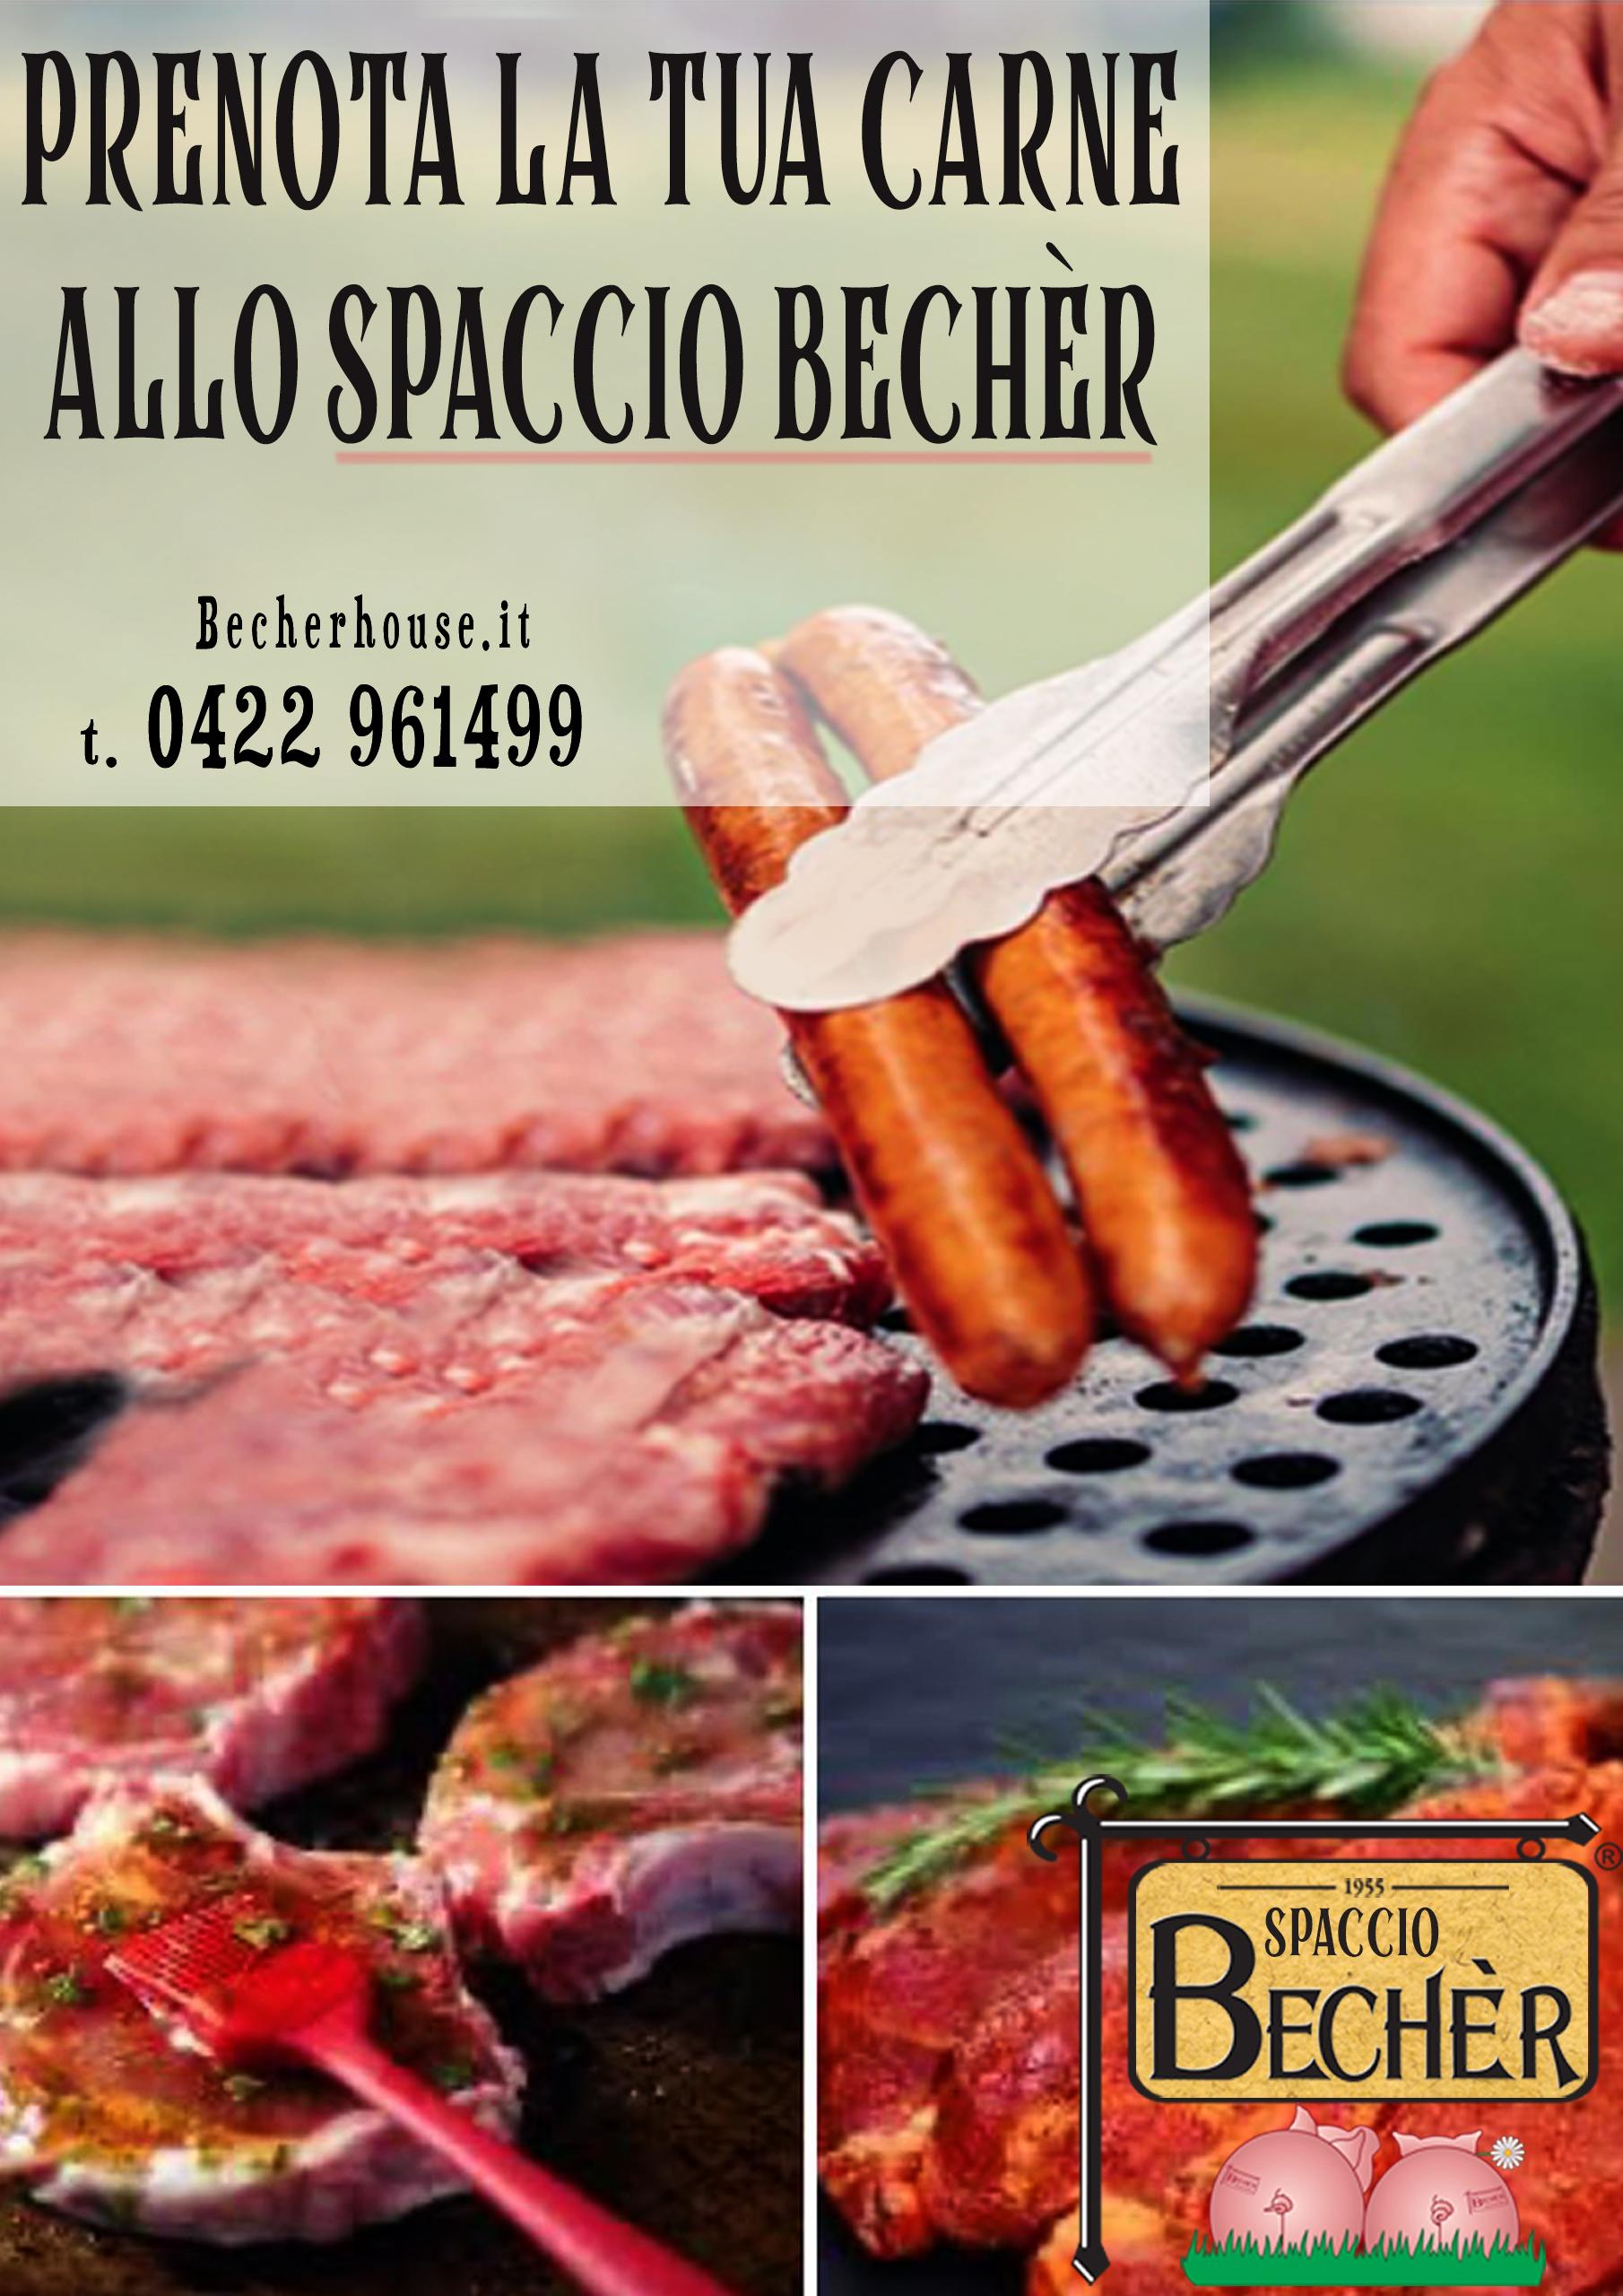 Prenota carne spaccio sito